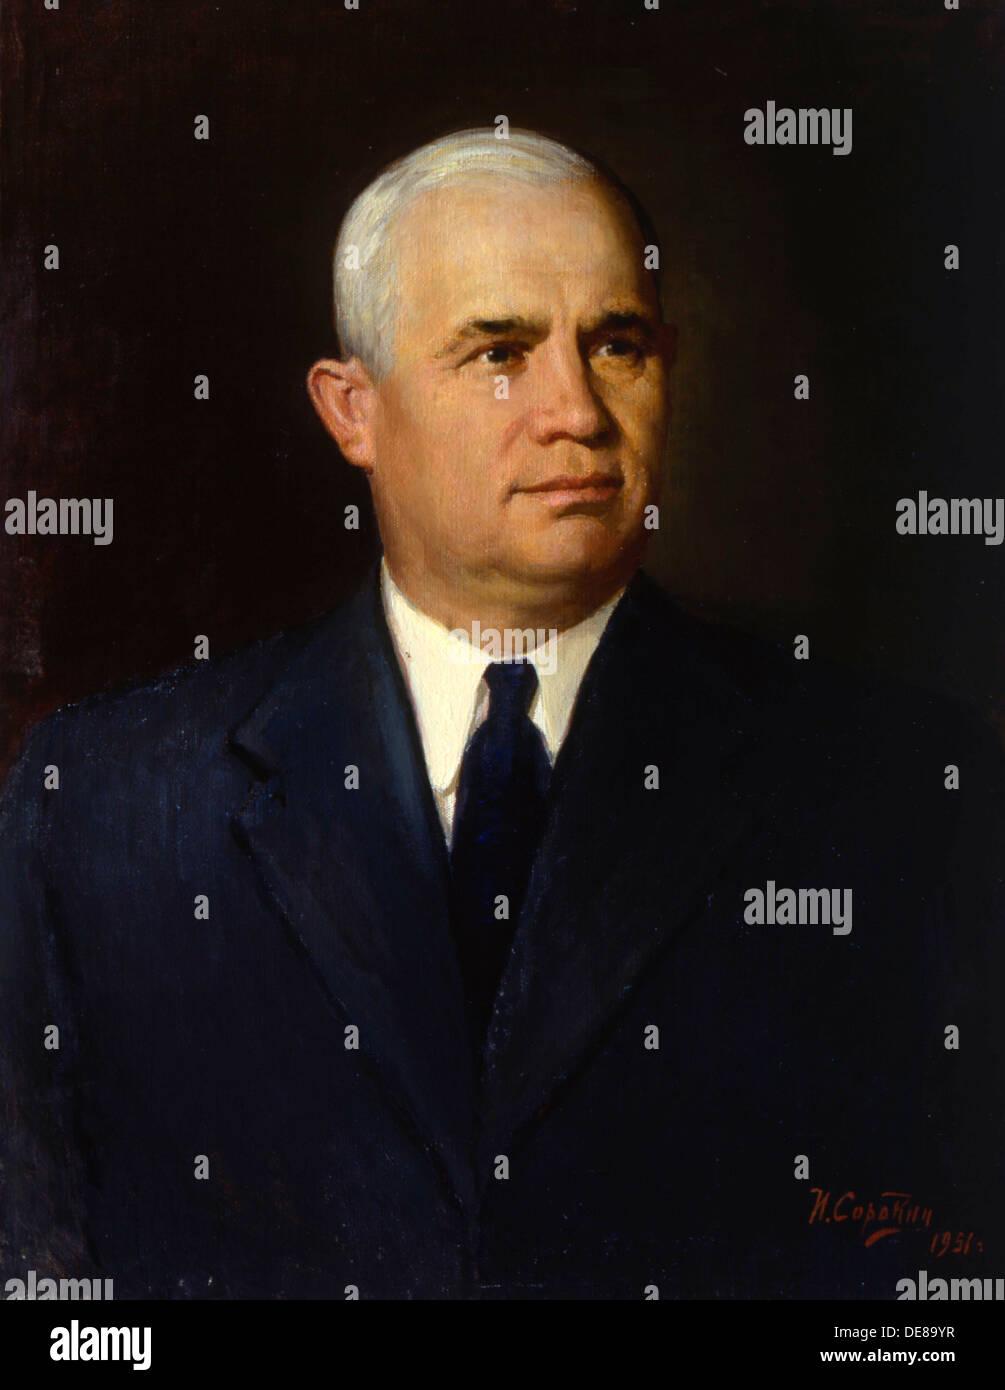 'Portrait of the Politician Nikita Sergeyevich Khrushchev', 1951. Artist: Ivan Semyonovich Sorokin - Stock Image